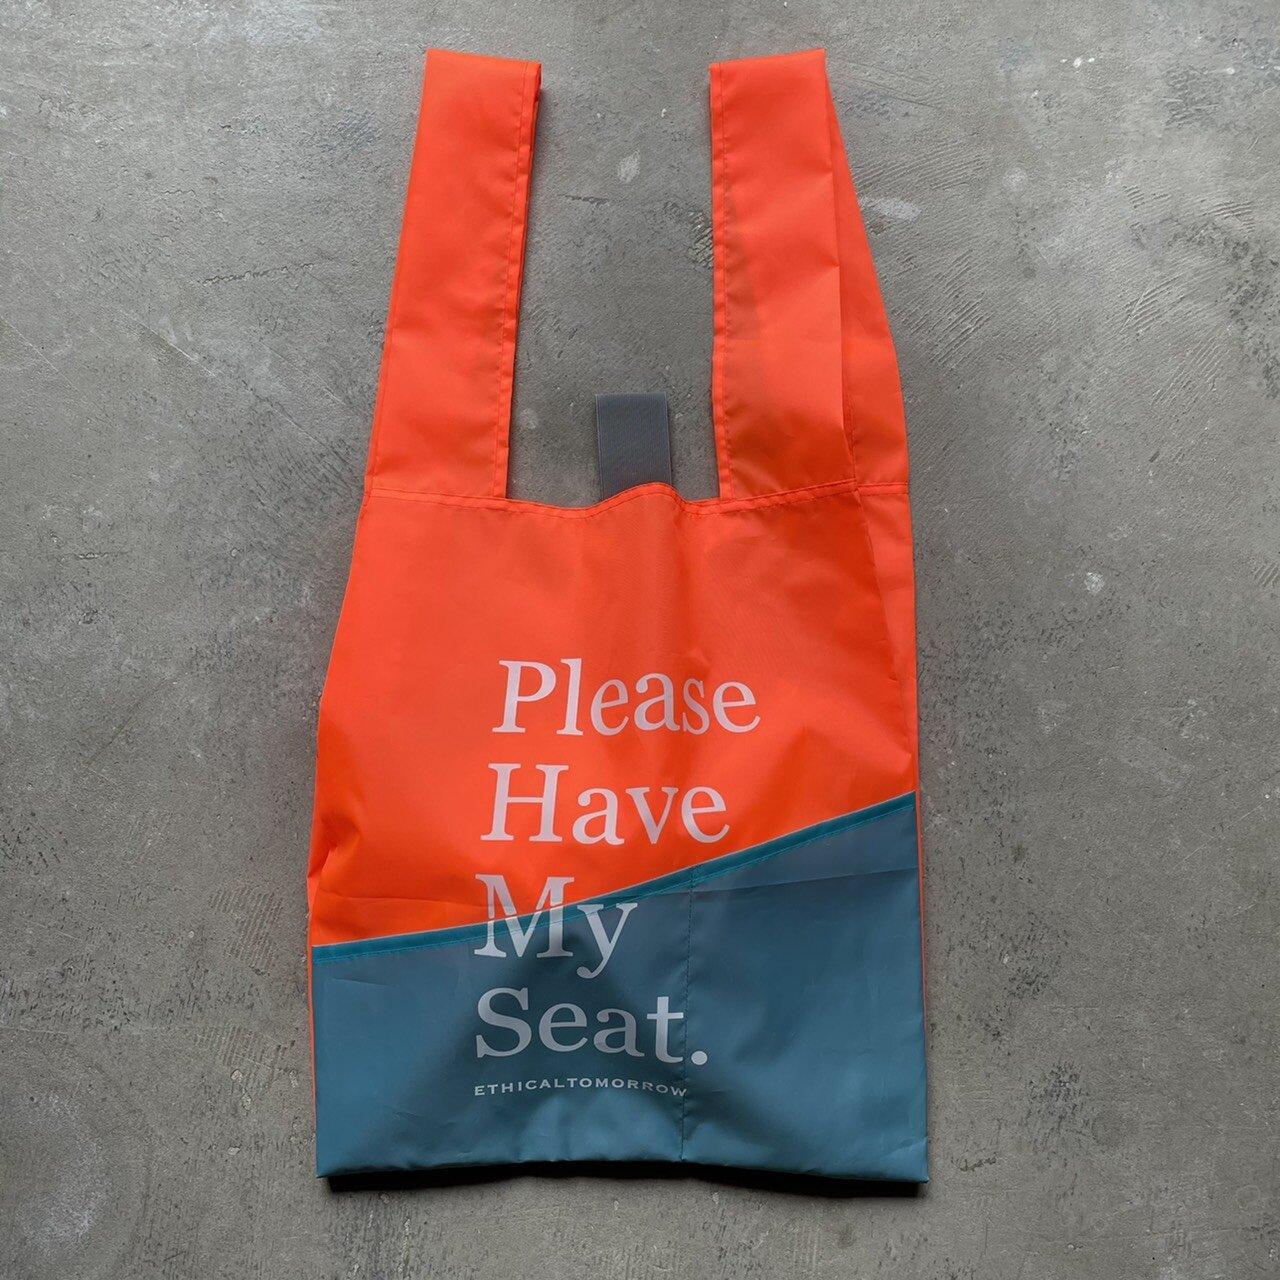 再生PETのBAGでHave My Seatと囁くBAG